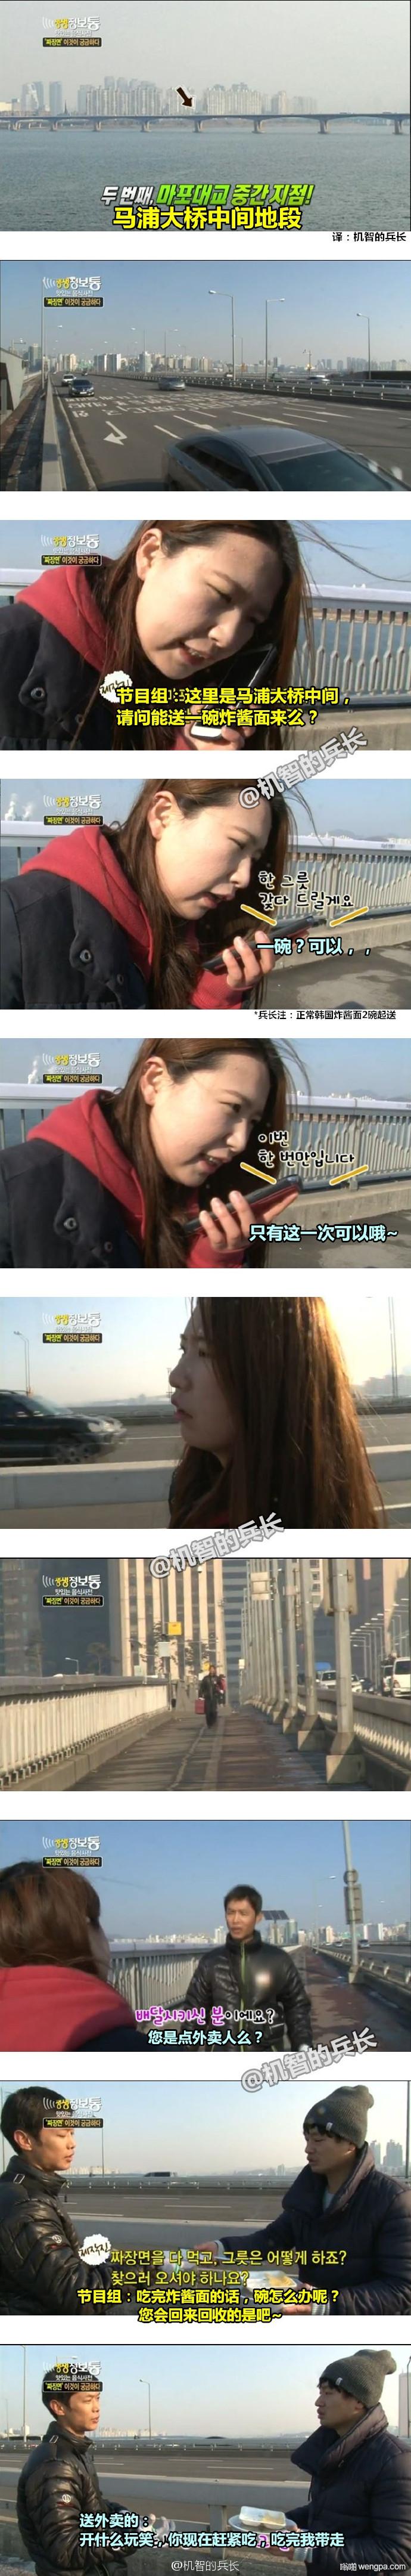 韩国有个节目组听说有家炸酱面店可以满足顾客心意,将炸酱面送到任何地方,于是决定测试一下,整整这家店